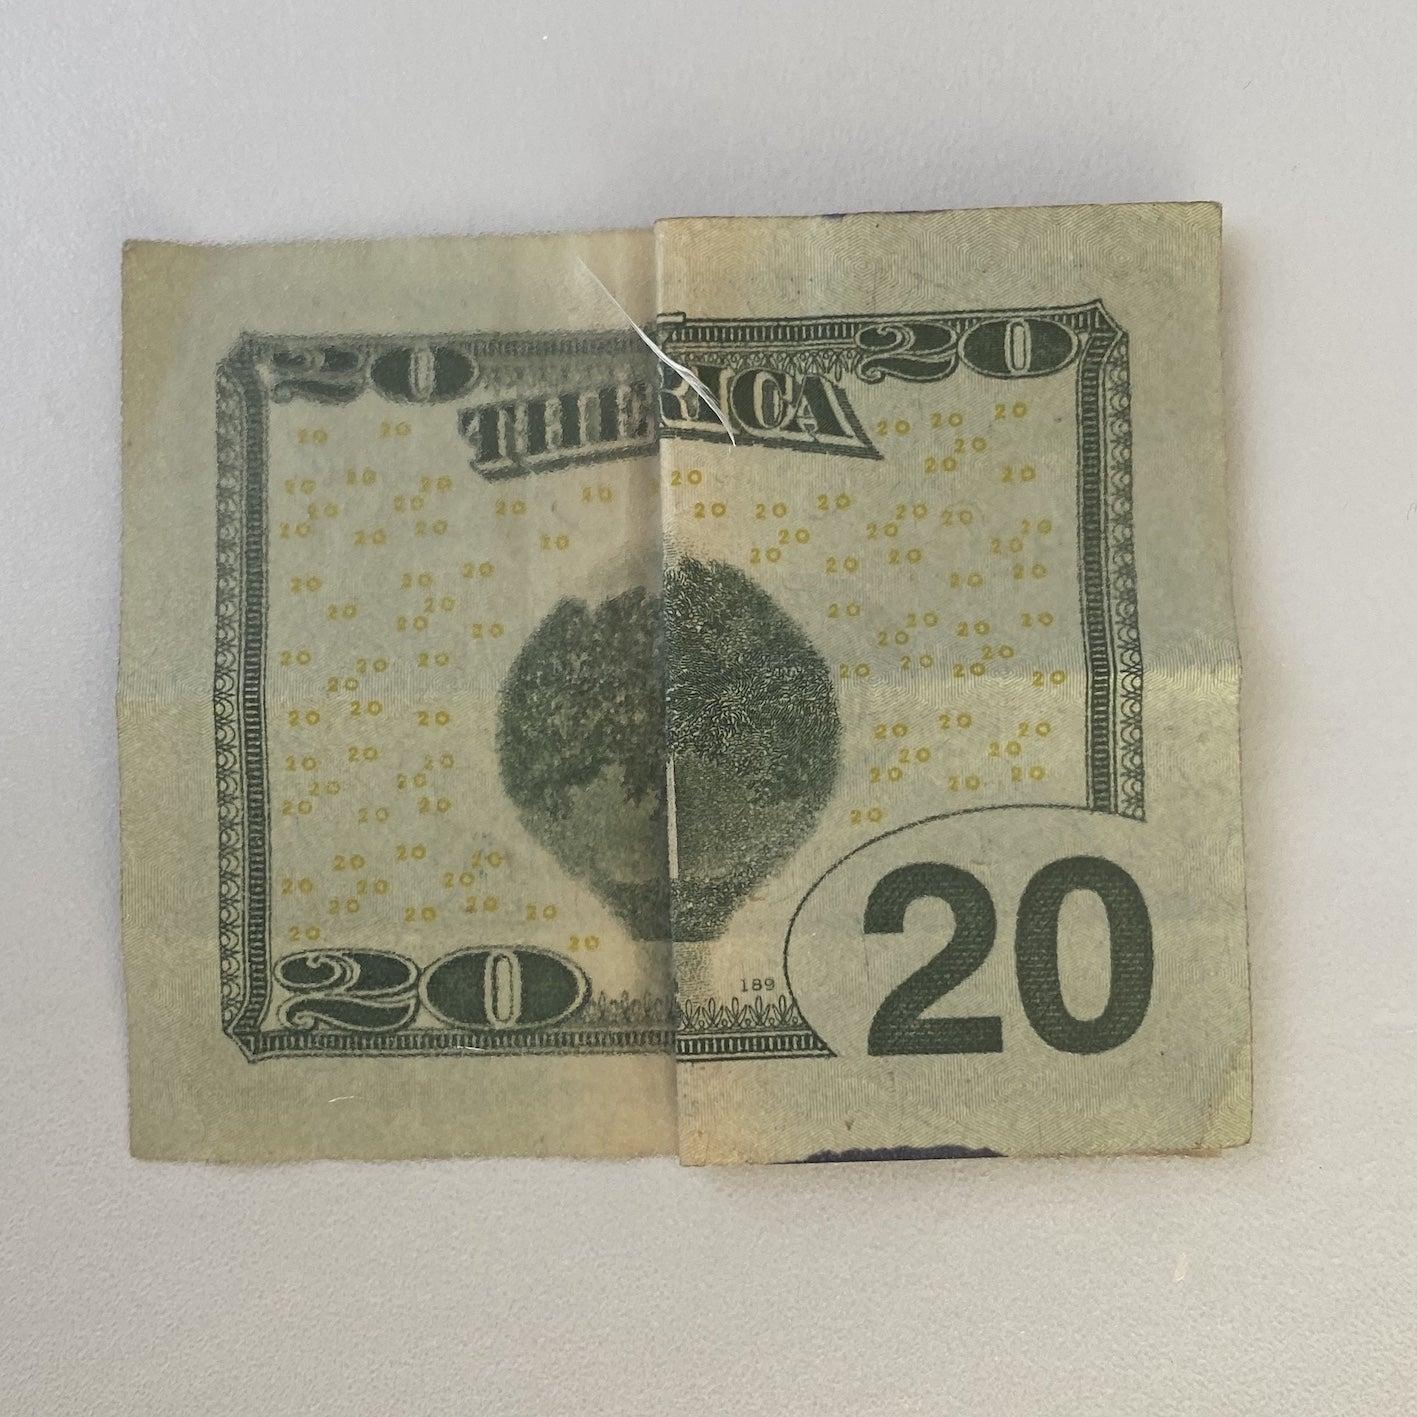 20 ドル 札 秘密